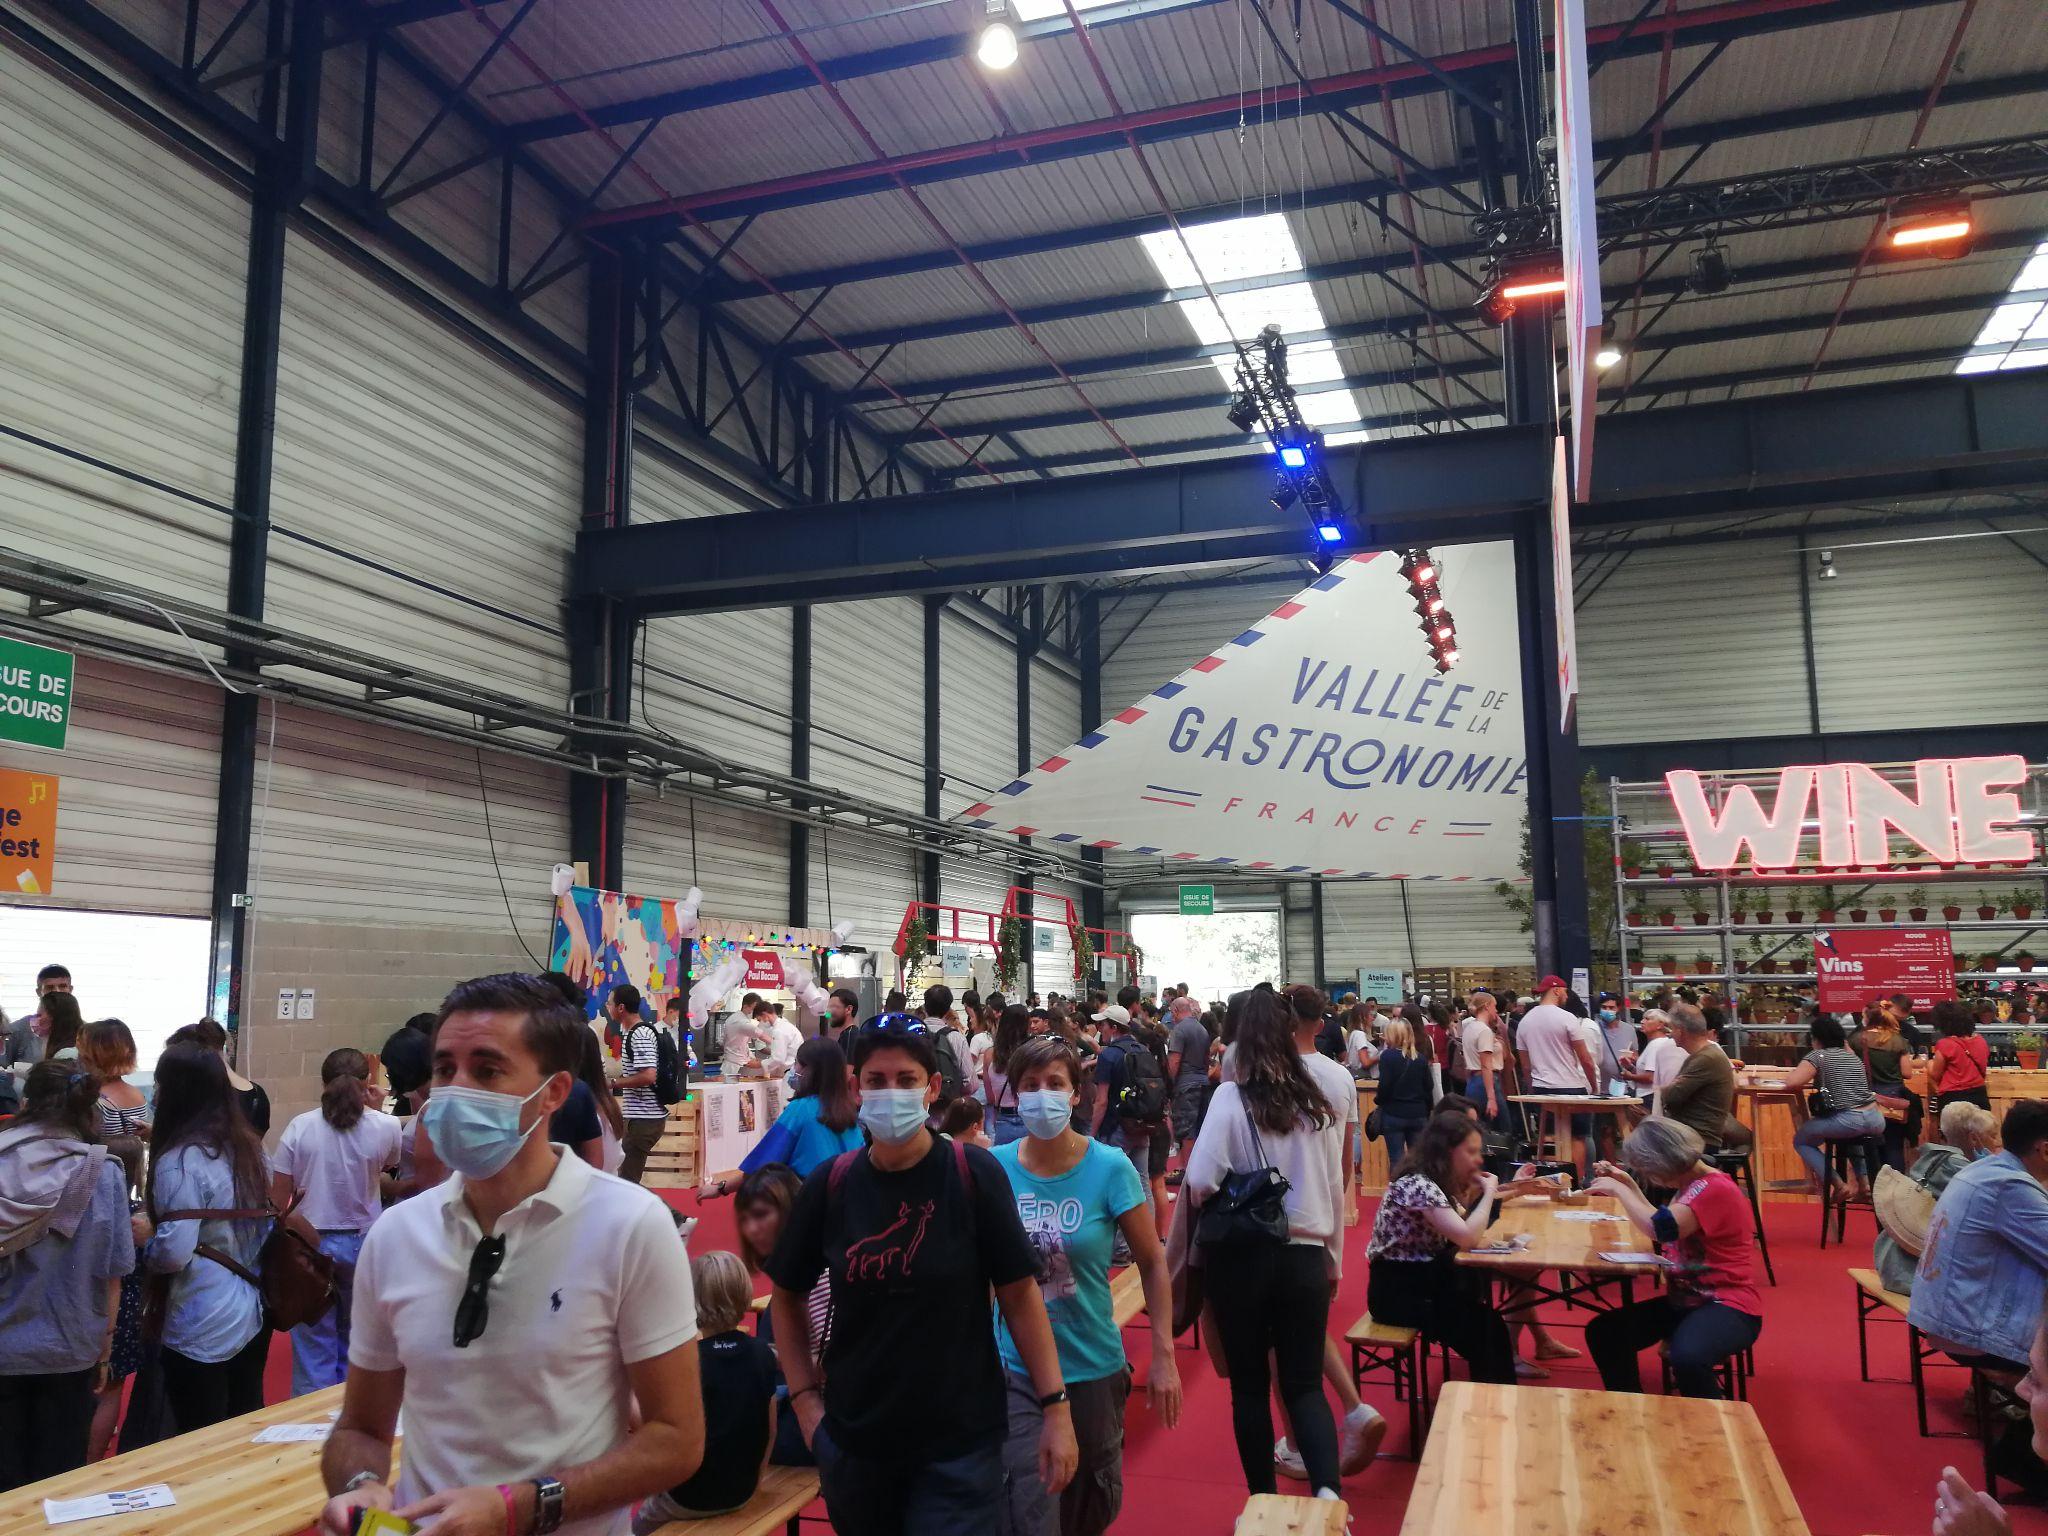 photo lors du Lyon Street Food festival 2021. Espace de restauration avec divers stand et tables.